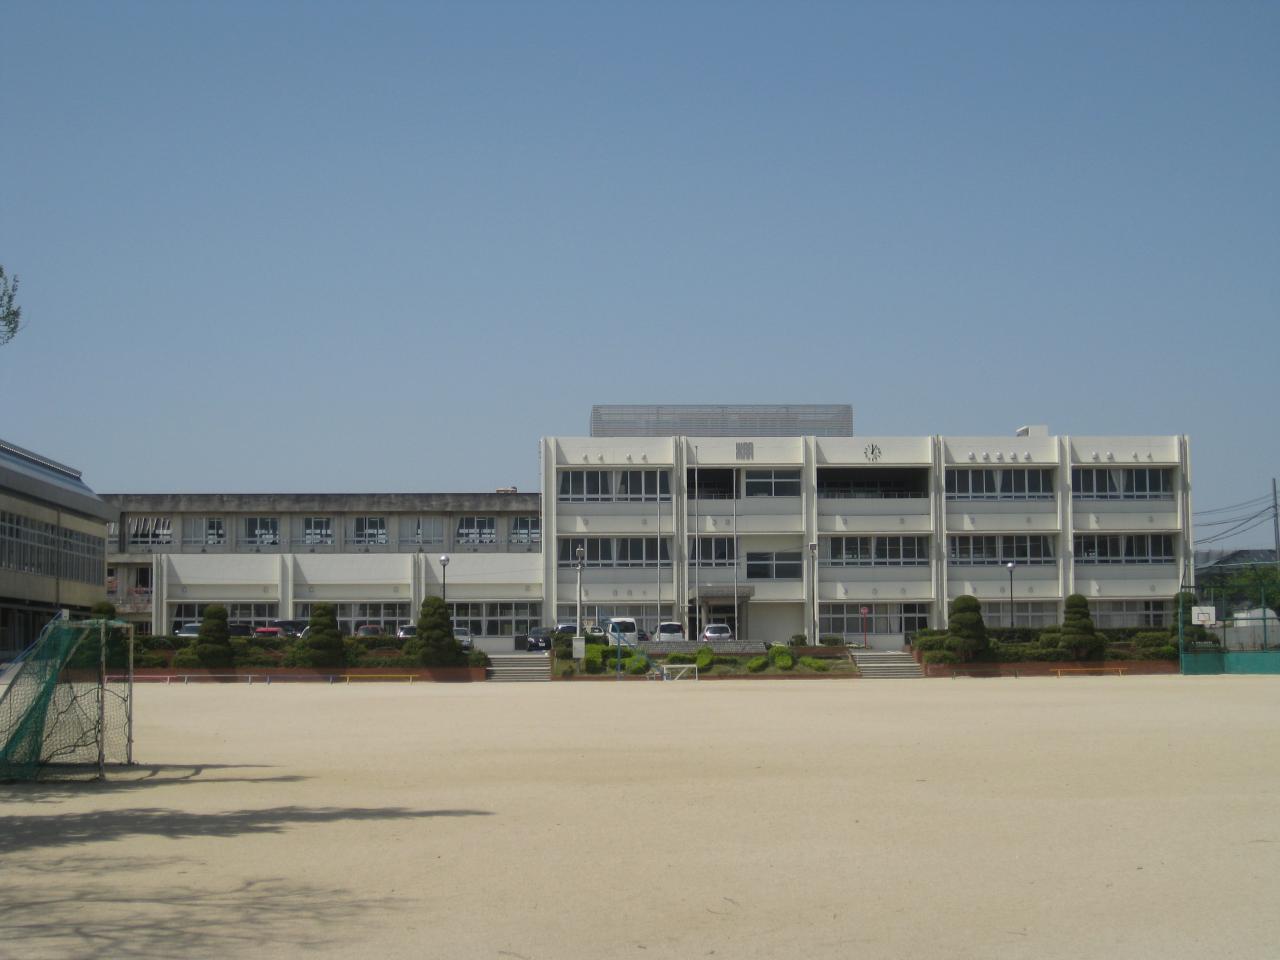 碧南市立棚尾小学校